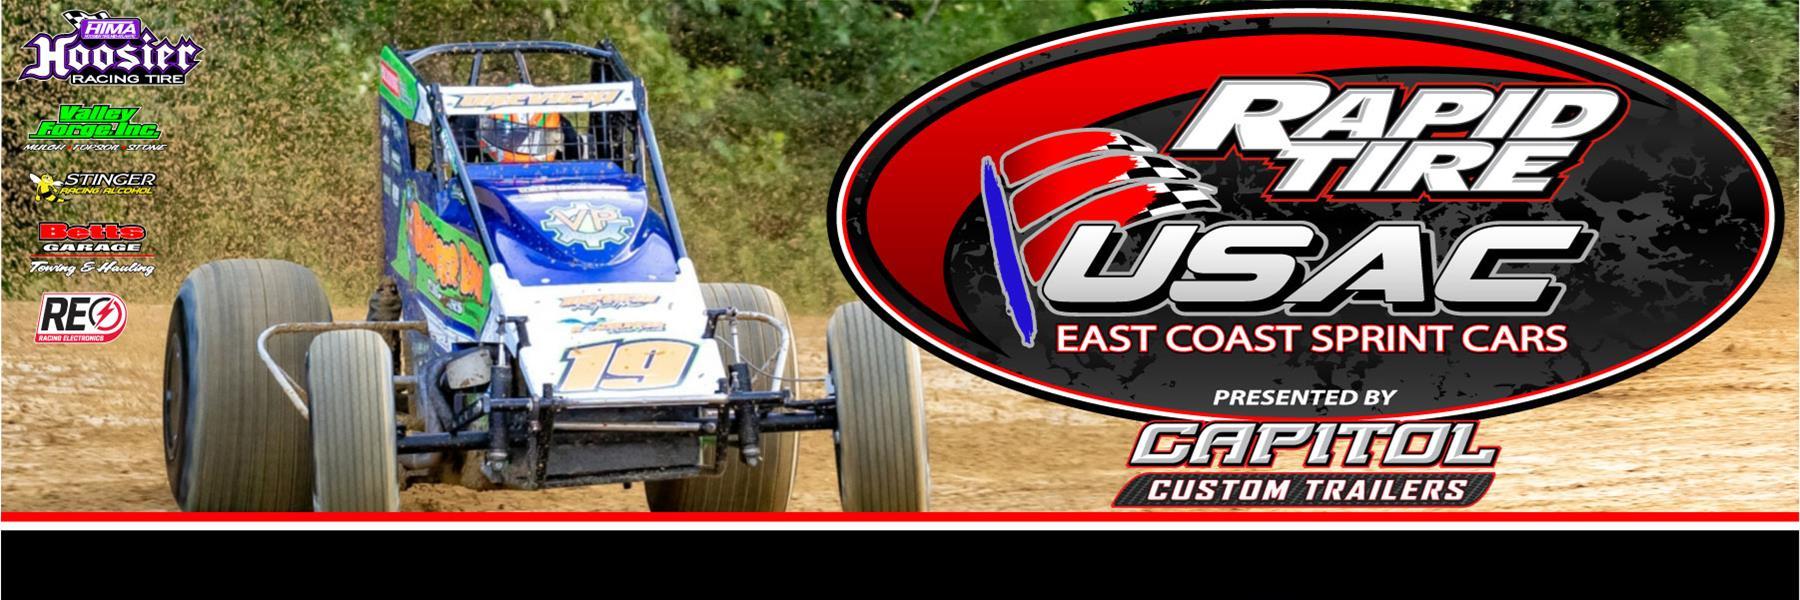 USAC East Coast Sprint Cars